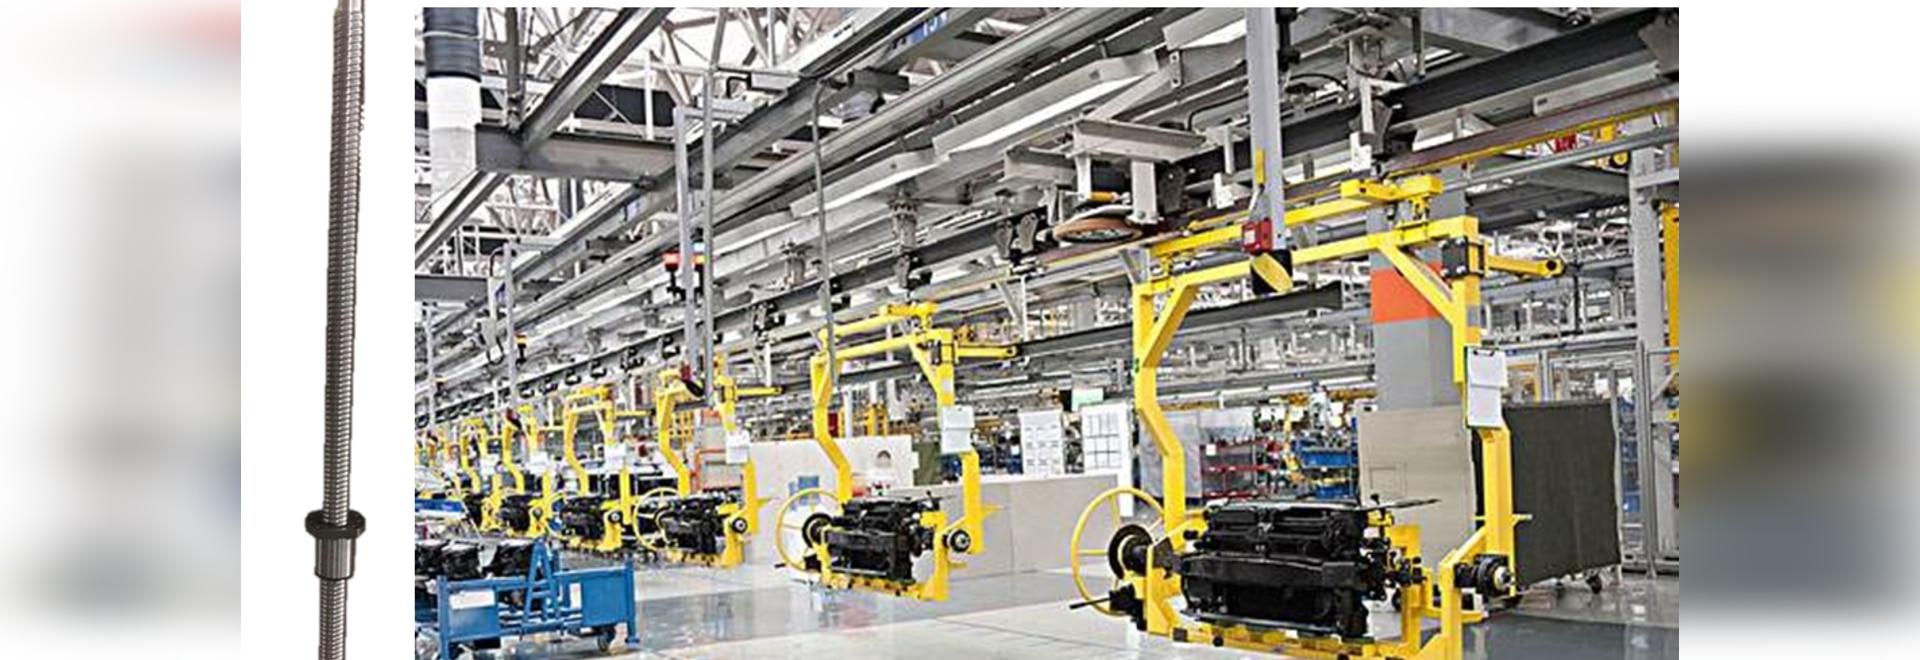 Anwendung von NOSEN-Spindelhubelementen in der Automobilproduktion